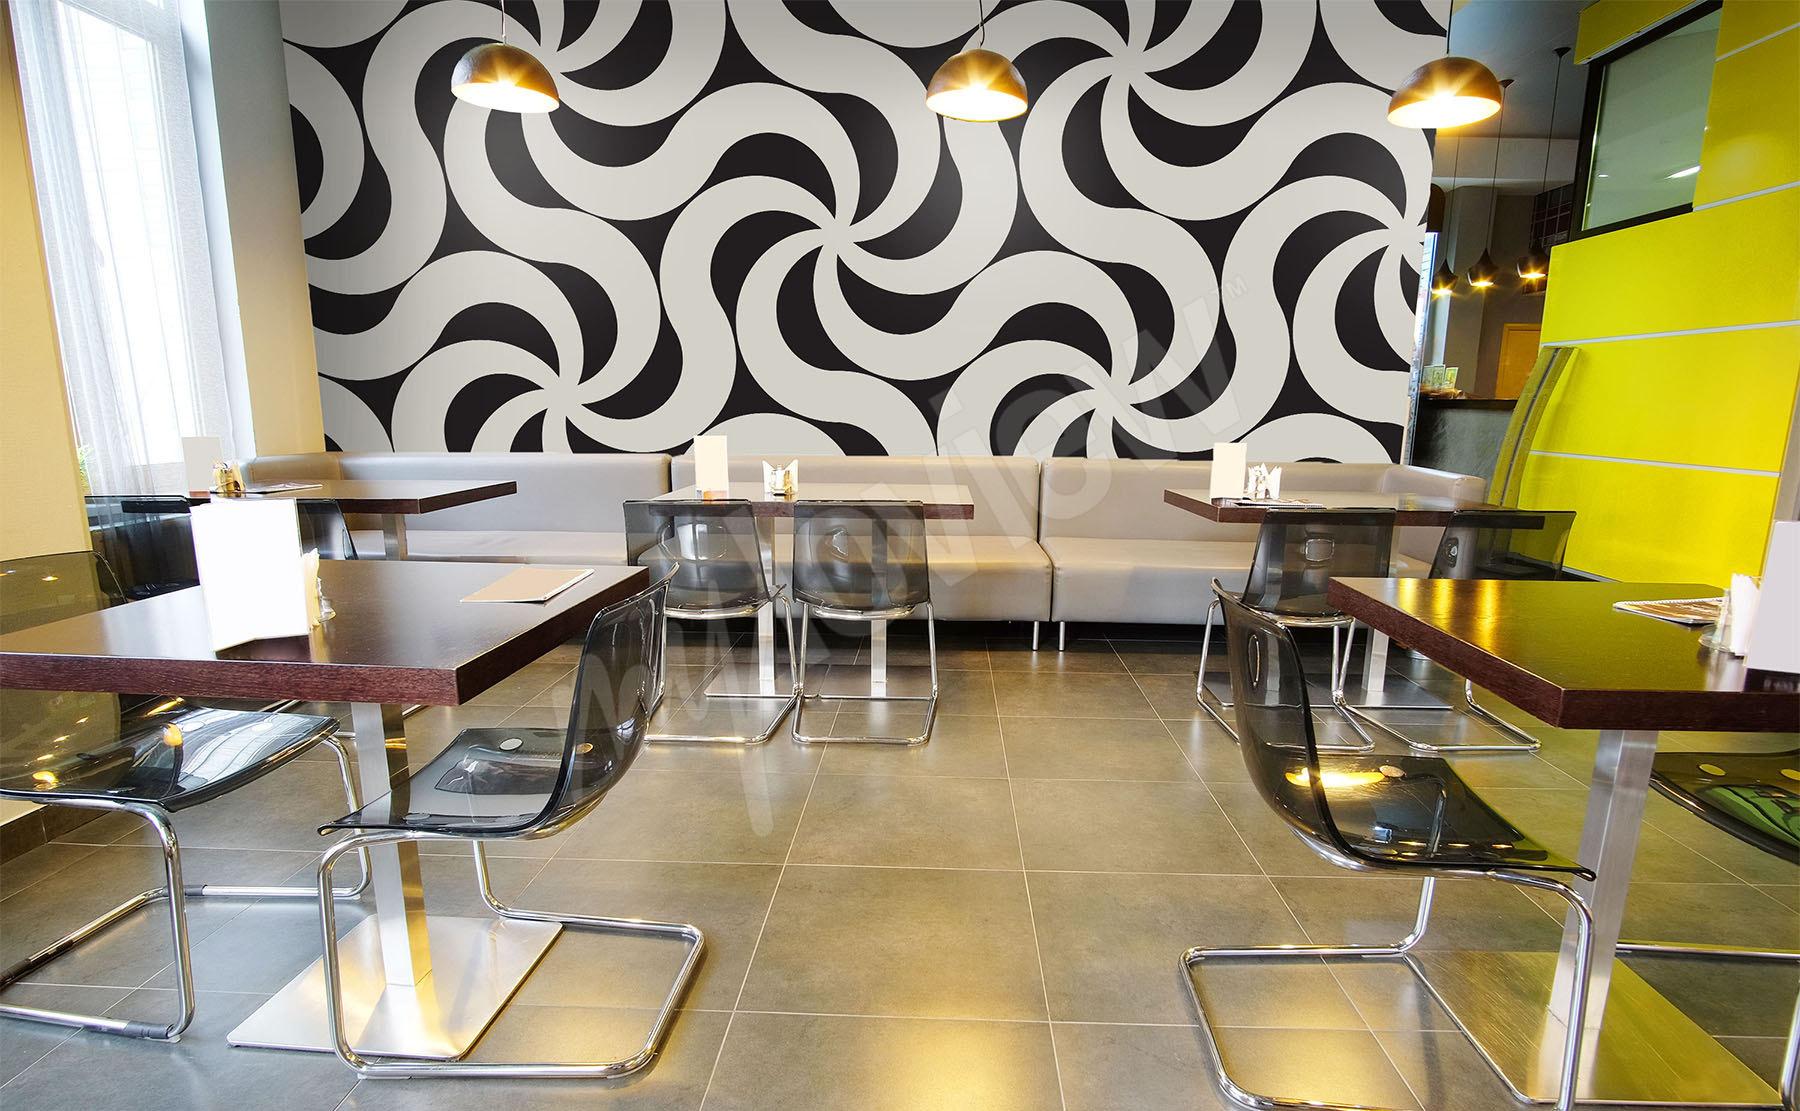 Ziemlich Küchentische Raummöbel Im Restaurant Zu Essen Galerie ...